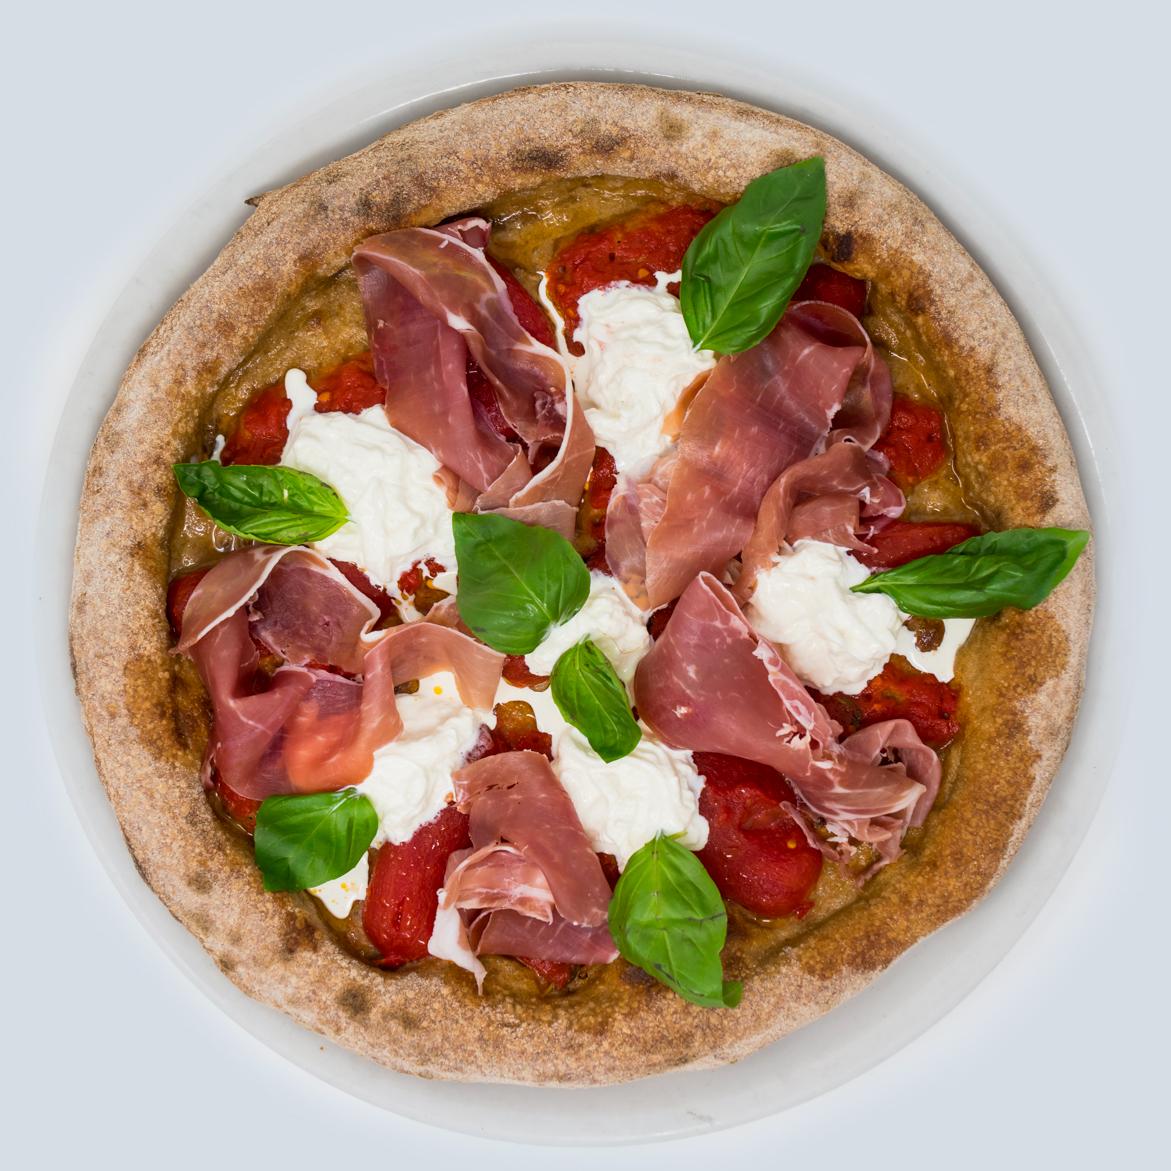 La Pizza - Cutilisci: il gusto di un'isola sana